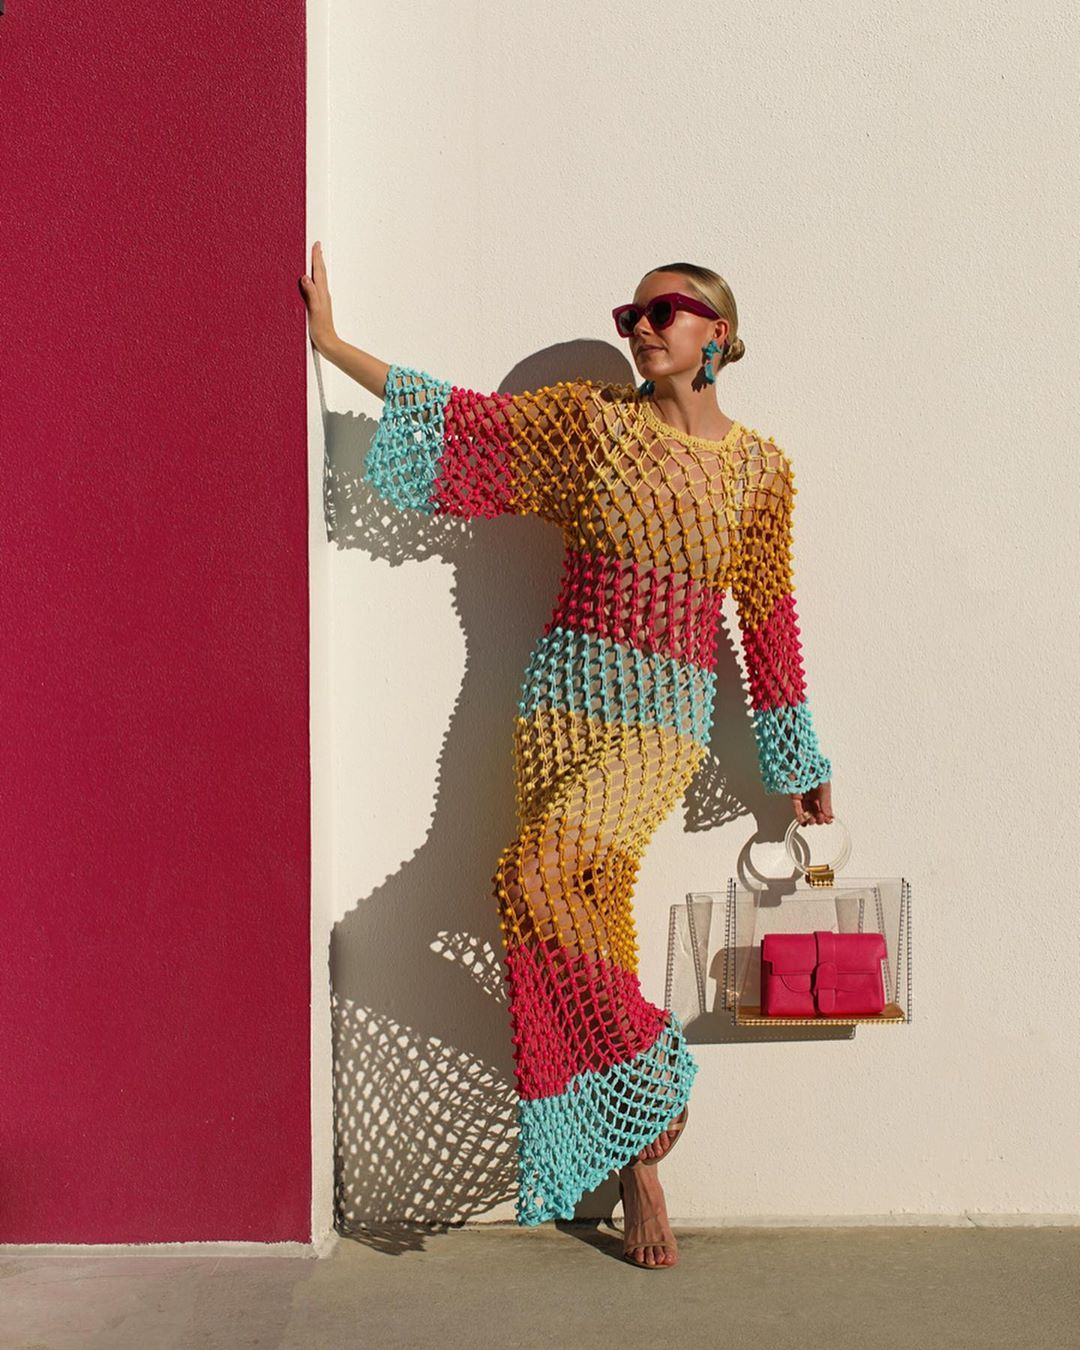 Váy mùa Hè đan móc đủ màu sắc, túi xách trong suốt